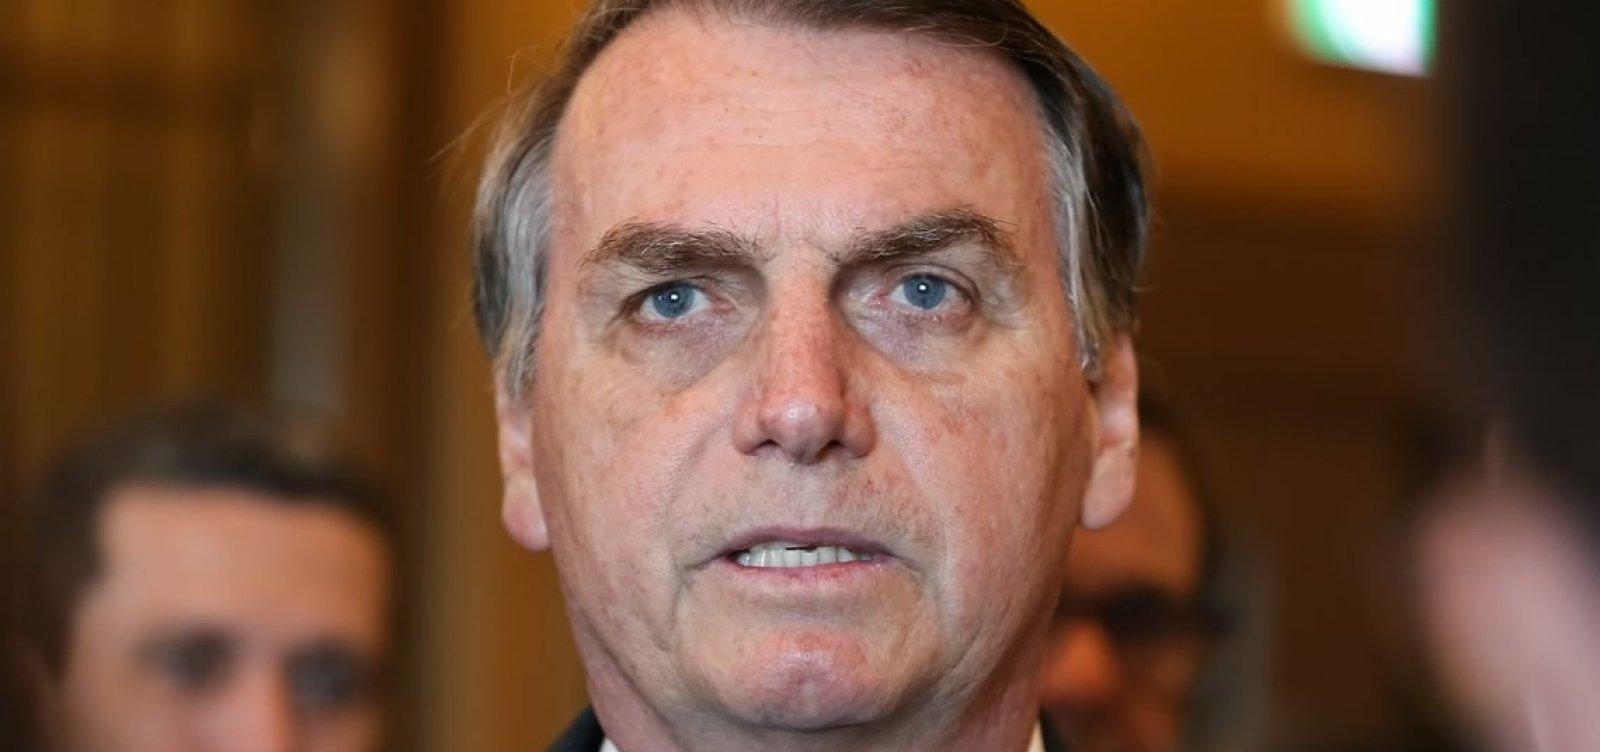 Caso Marielle: apuração demorou 11 meses para expor menção à casa de Bolsonaro